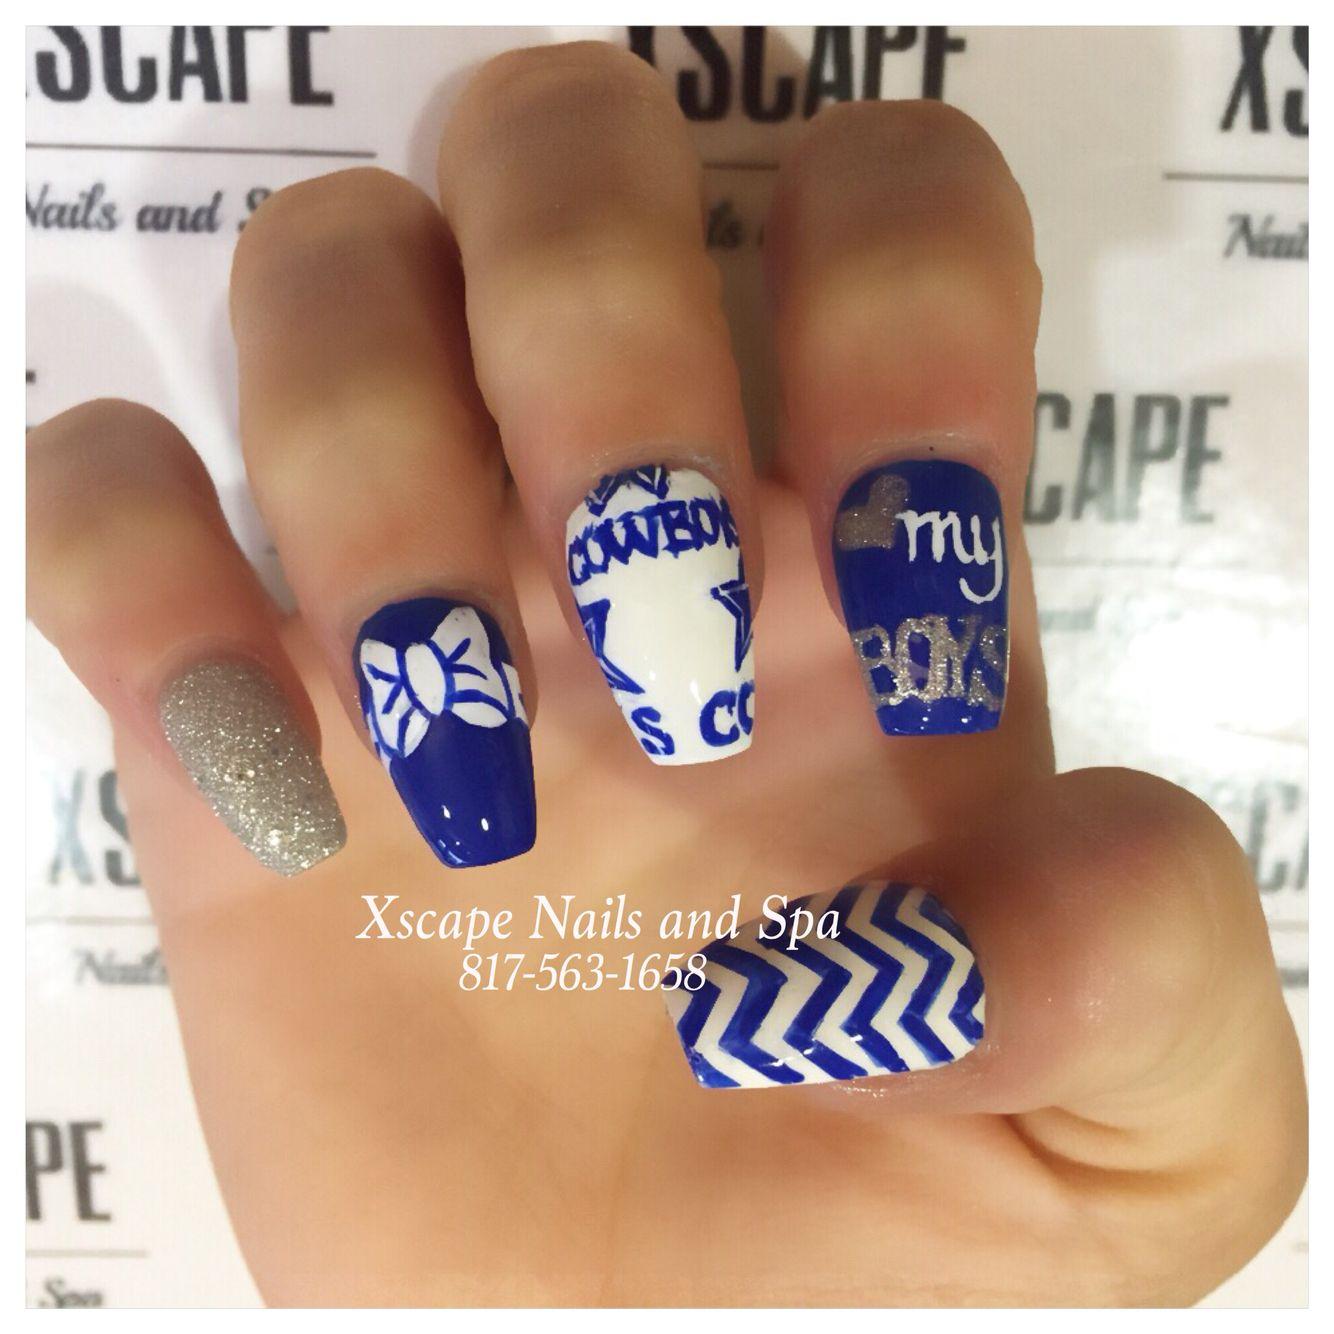 Nail Art Ideas » Dallas Cowboys Nail Art Designs - Pictures of Nail ...